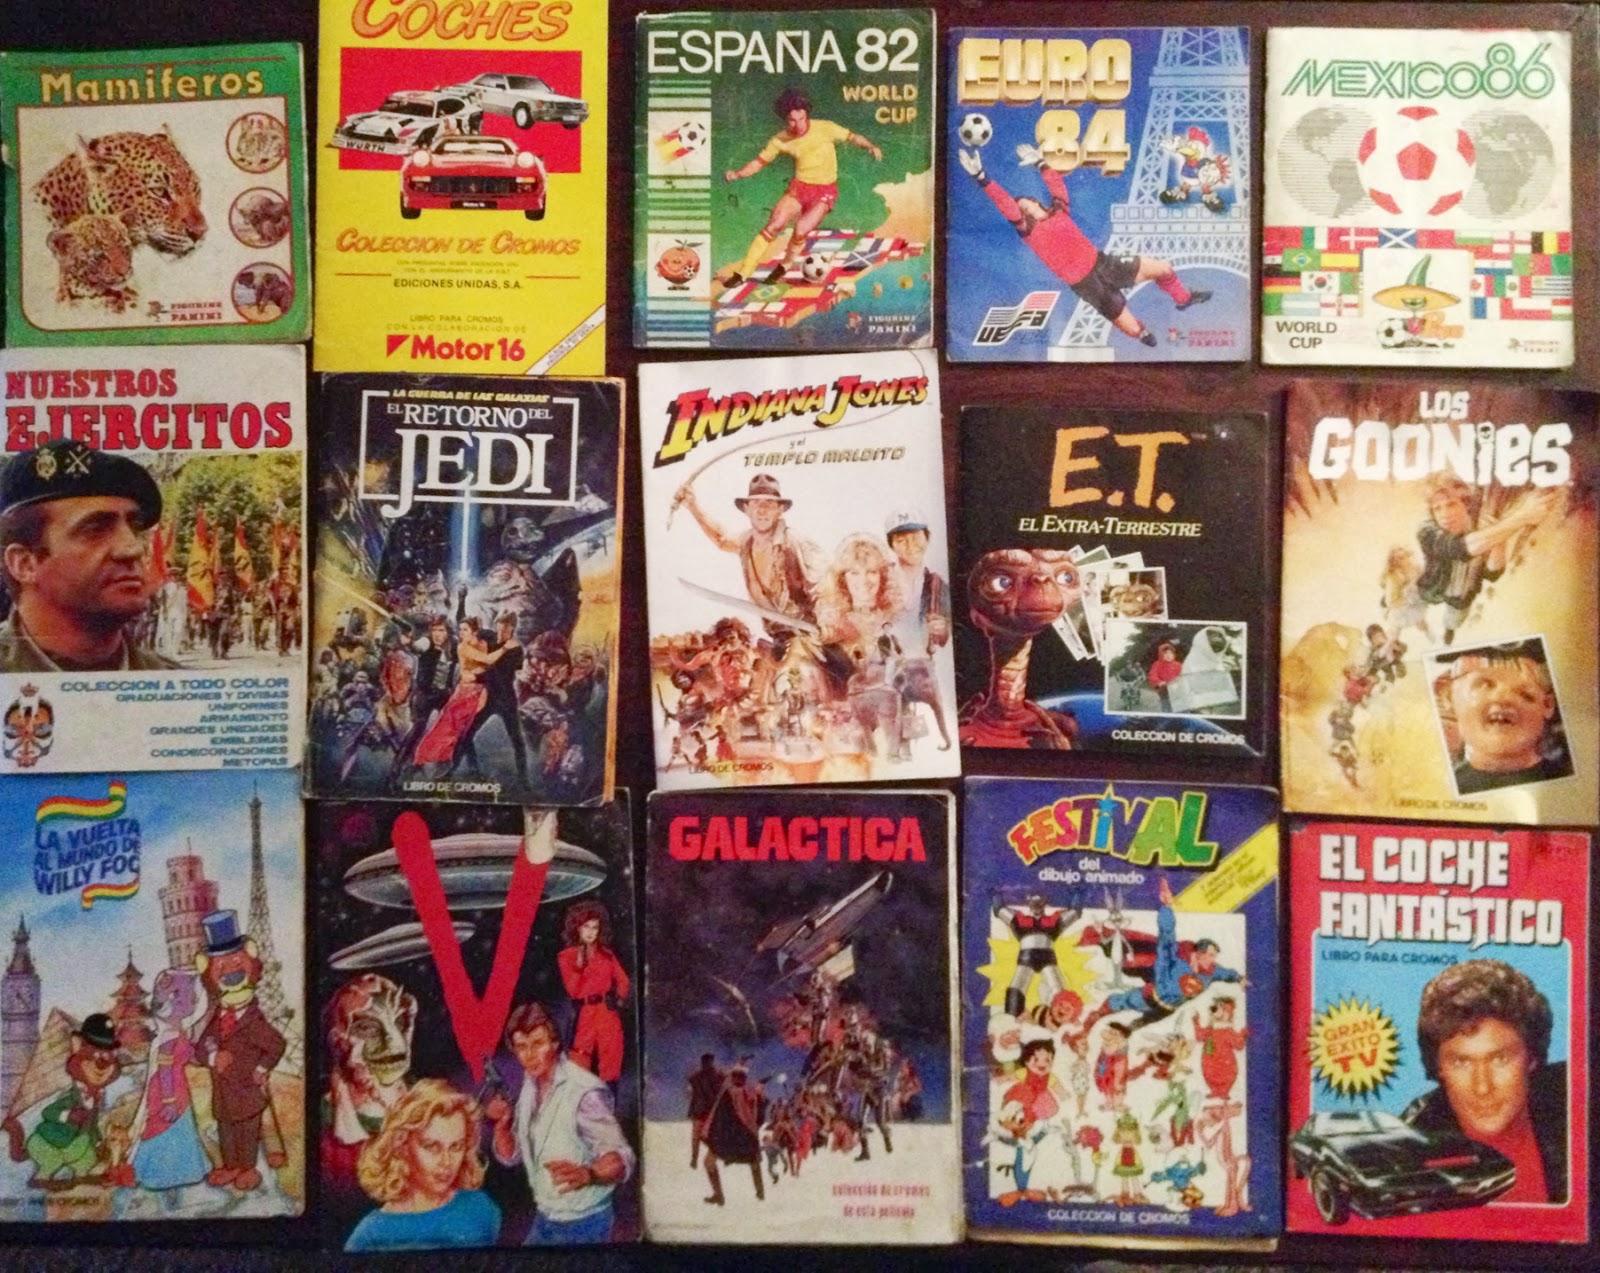 Álbumes de cromos de los 80's - Aquellos maravillosos años - Friki - el fancine - el troblogdita - El retorno del Jedi - Indiana Jones - ET - Los Goonies - Willy Fog - V - Galáctica - Festival - El coche fantástico - Cromos - Cromos de los 80 - EGB - ÁlvaroGP